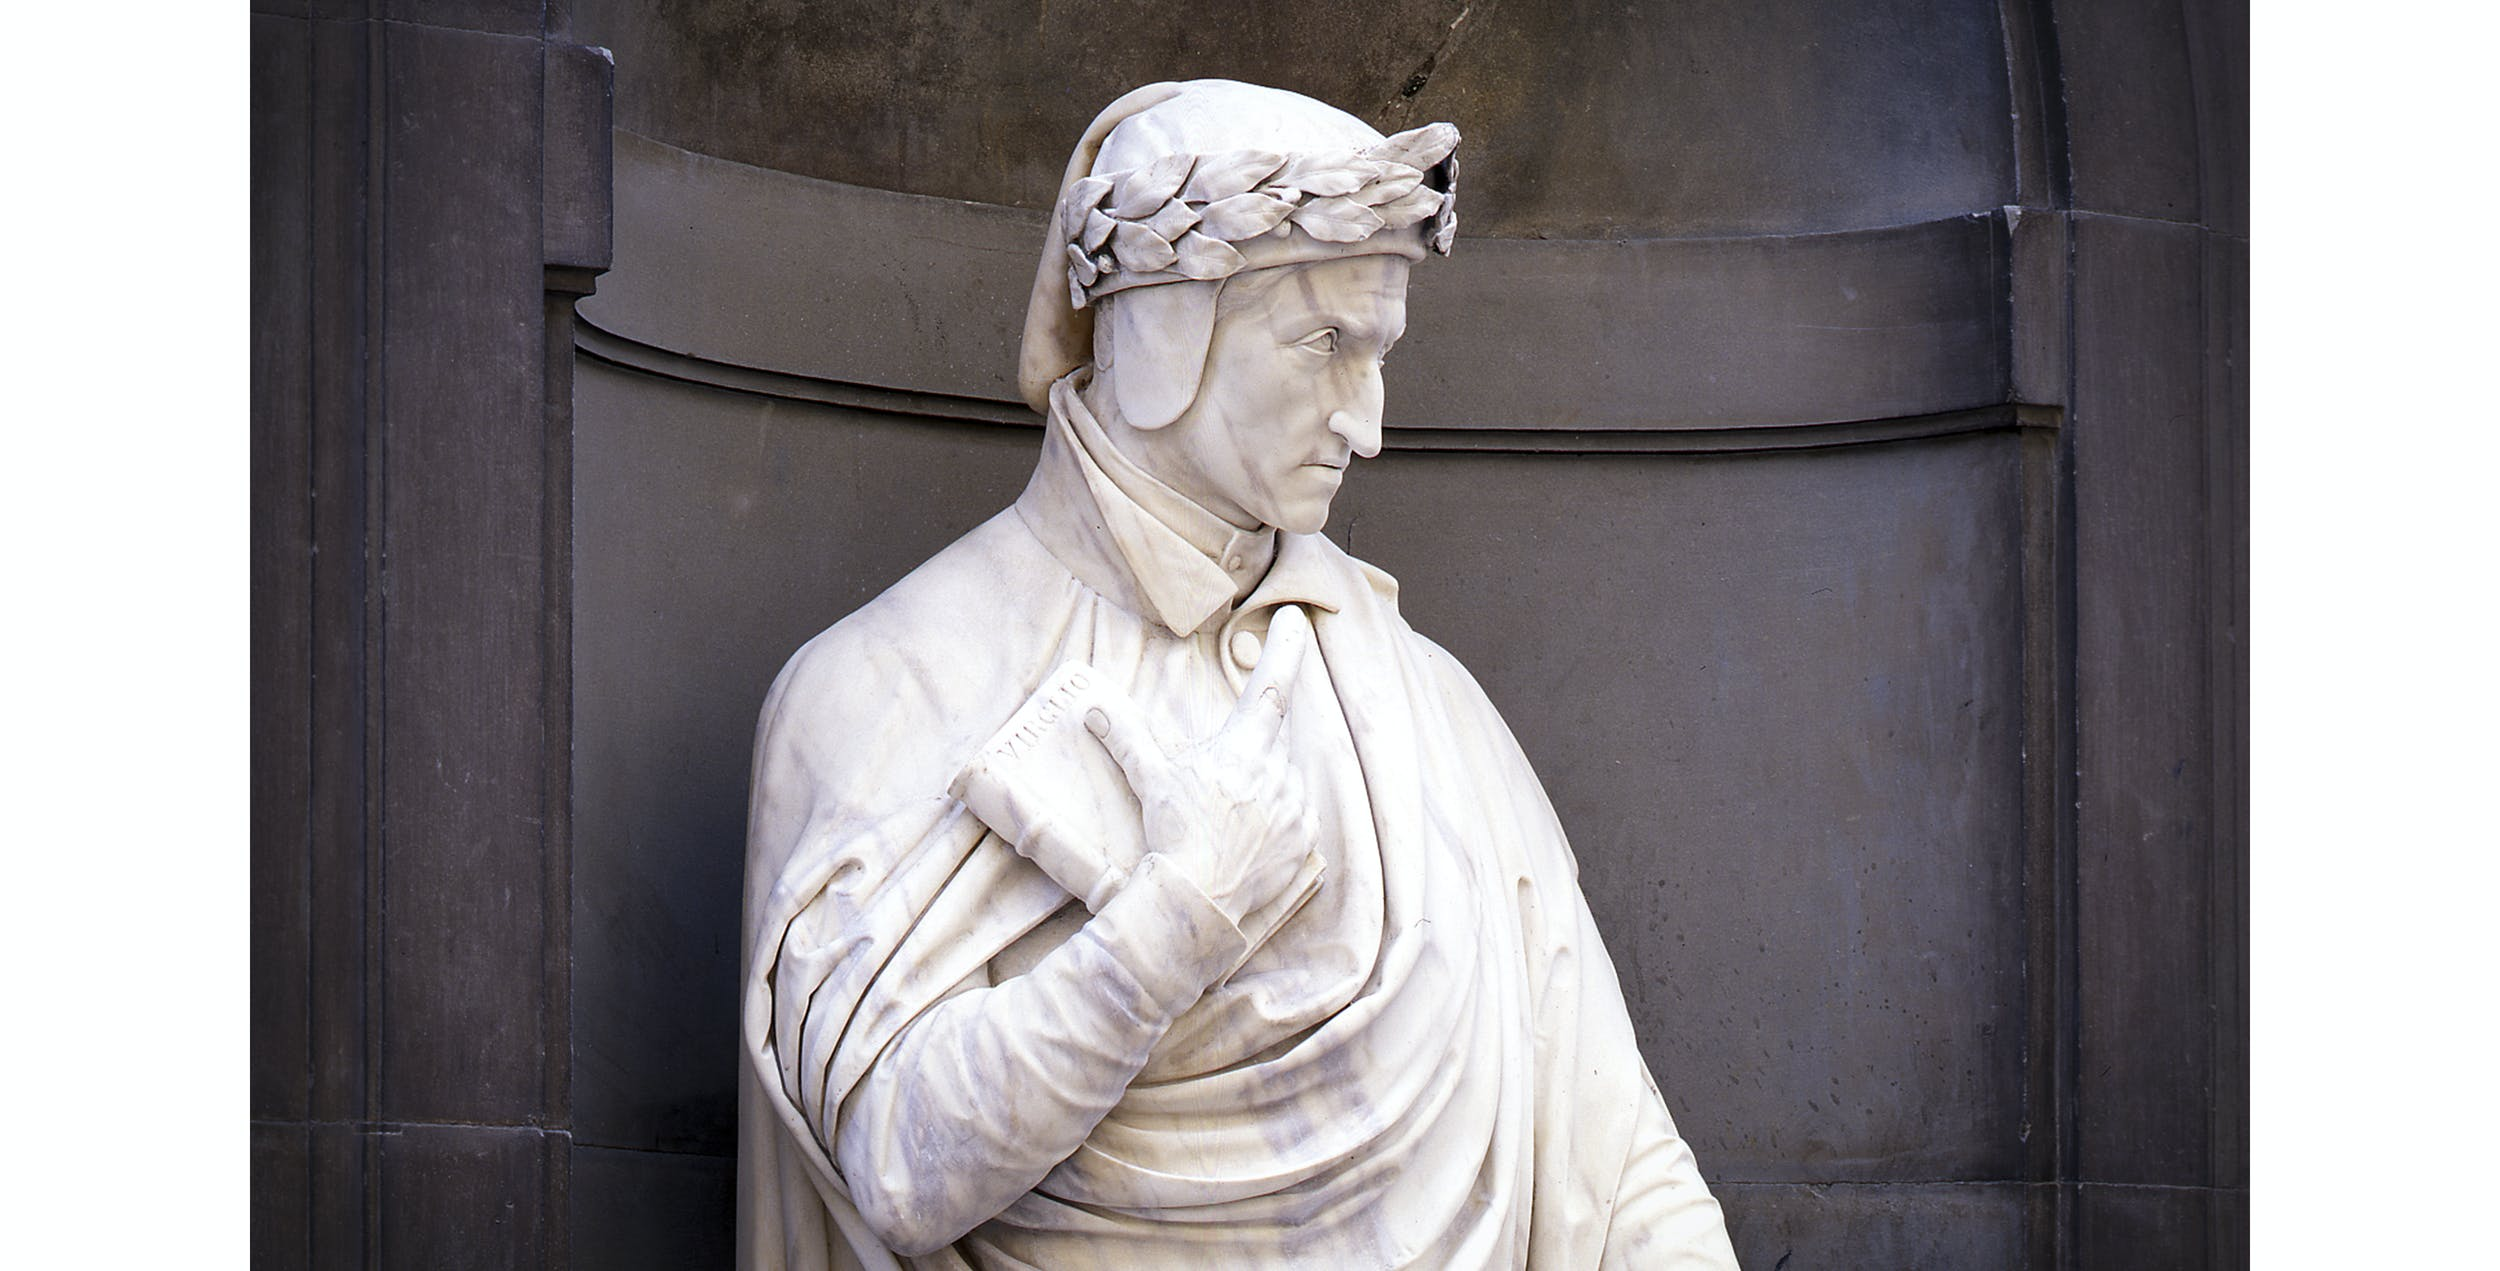 Emilio Demi, Dante, Piazzale degli Uffizi